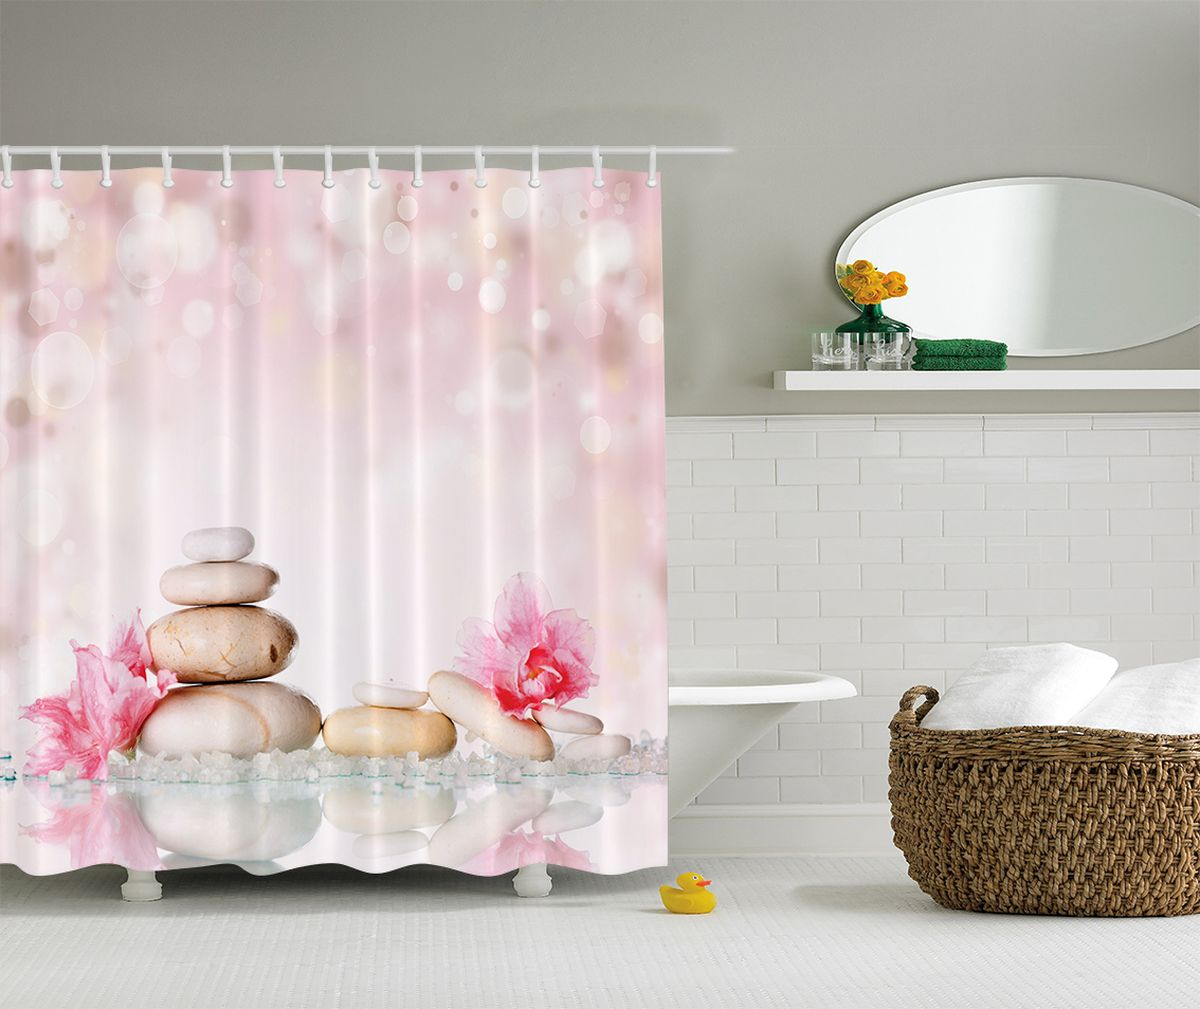 Штора для ванной комнаты Magic Lady Композиция, 180 х 200 смшв_2617Штора для ванной комнаты Magic Lady Композиция выполнена из высококачественного сатена (полиэстер 100%). При изготовлении используются специальные гипоаллергенные чернила. Оригинальный дизайн и цветовая гамма привлекут к себе внимание. Изделие хорошо пропускает свет и быстро высыхает. Такая штора прекрасно впишется в любой интерьер ванной комнаты и идеально защитит от брызг.